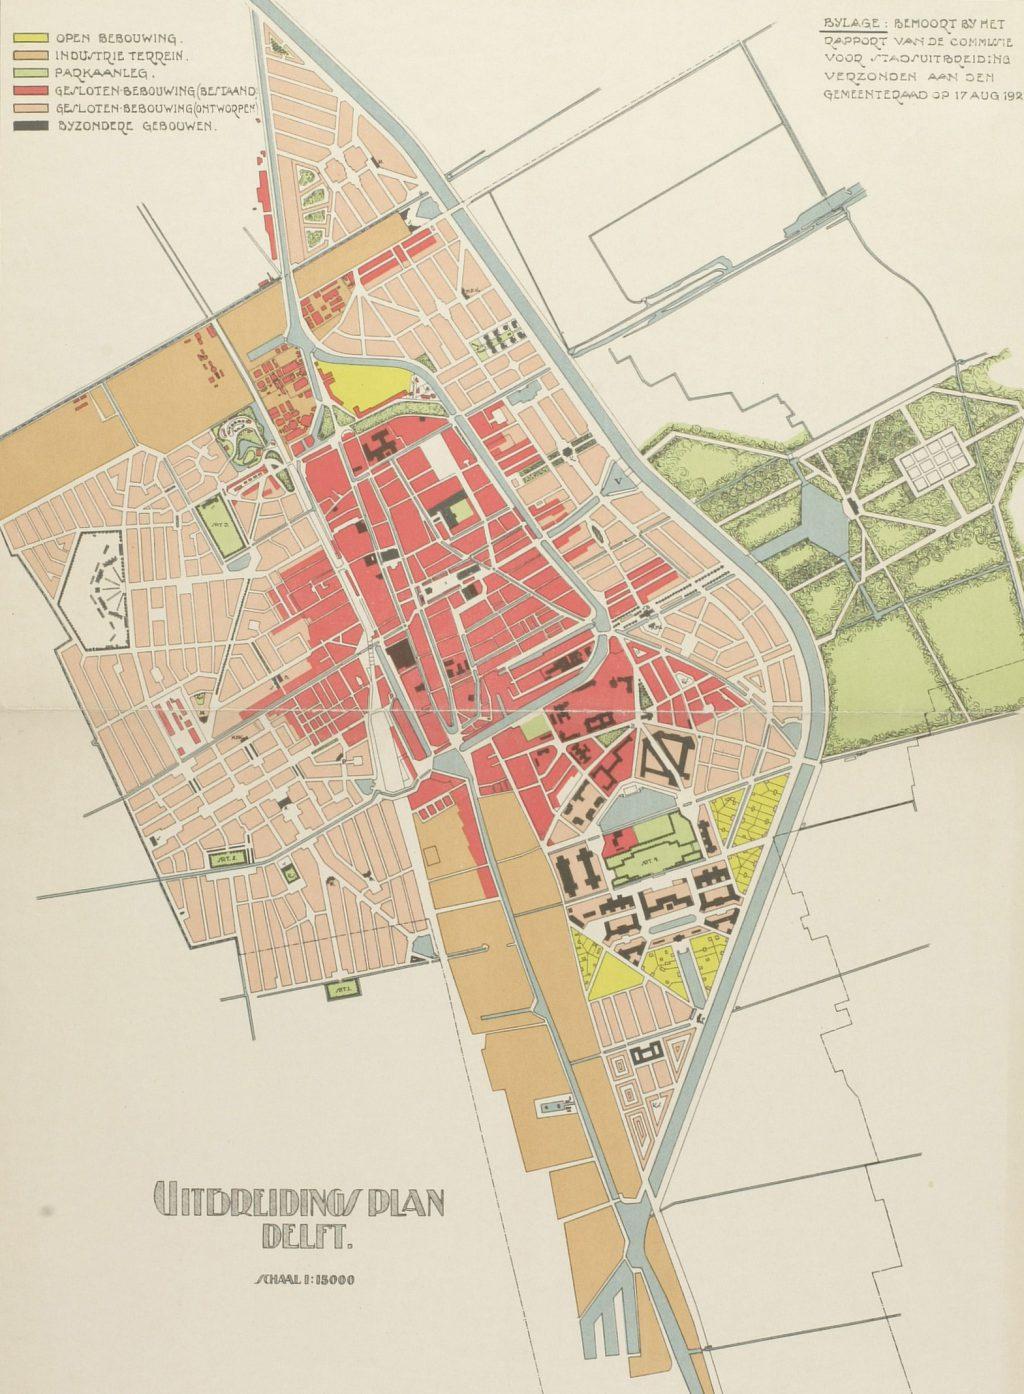 Uitbreidingsplan van de Commissie Berlage, 1921 (TMS 56386)